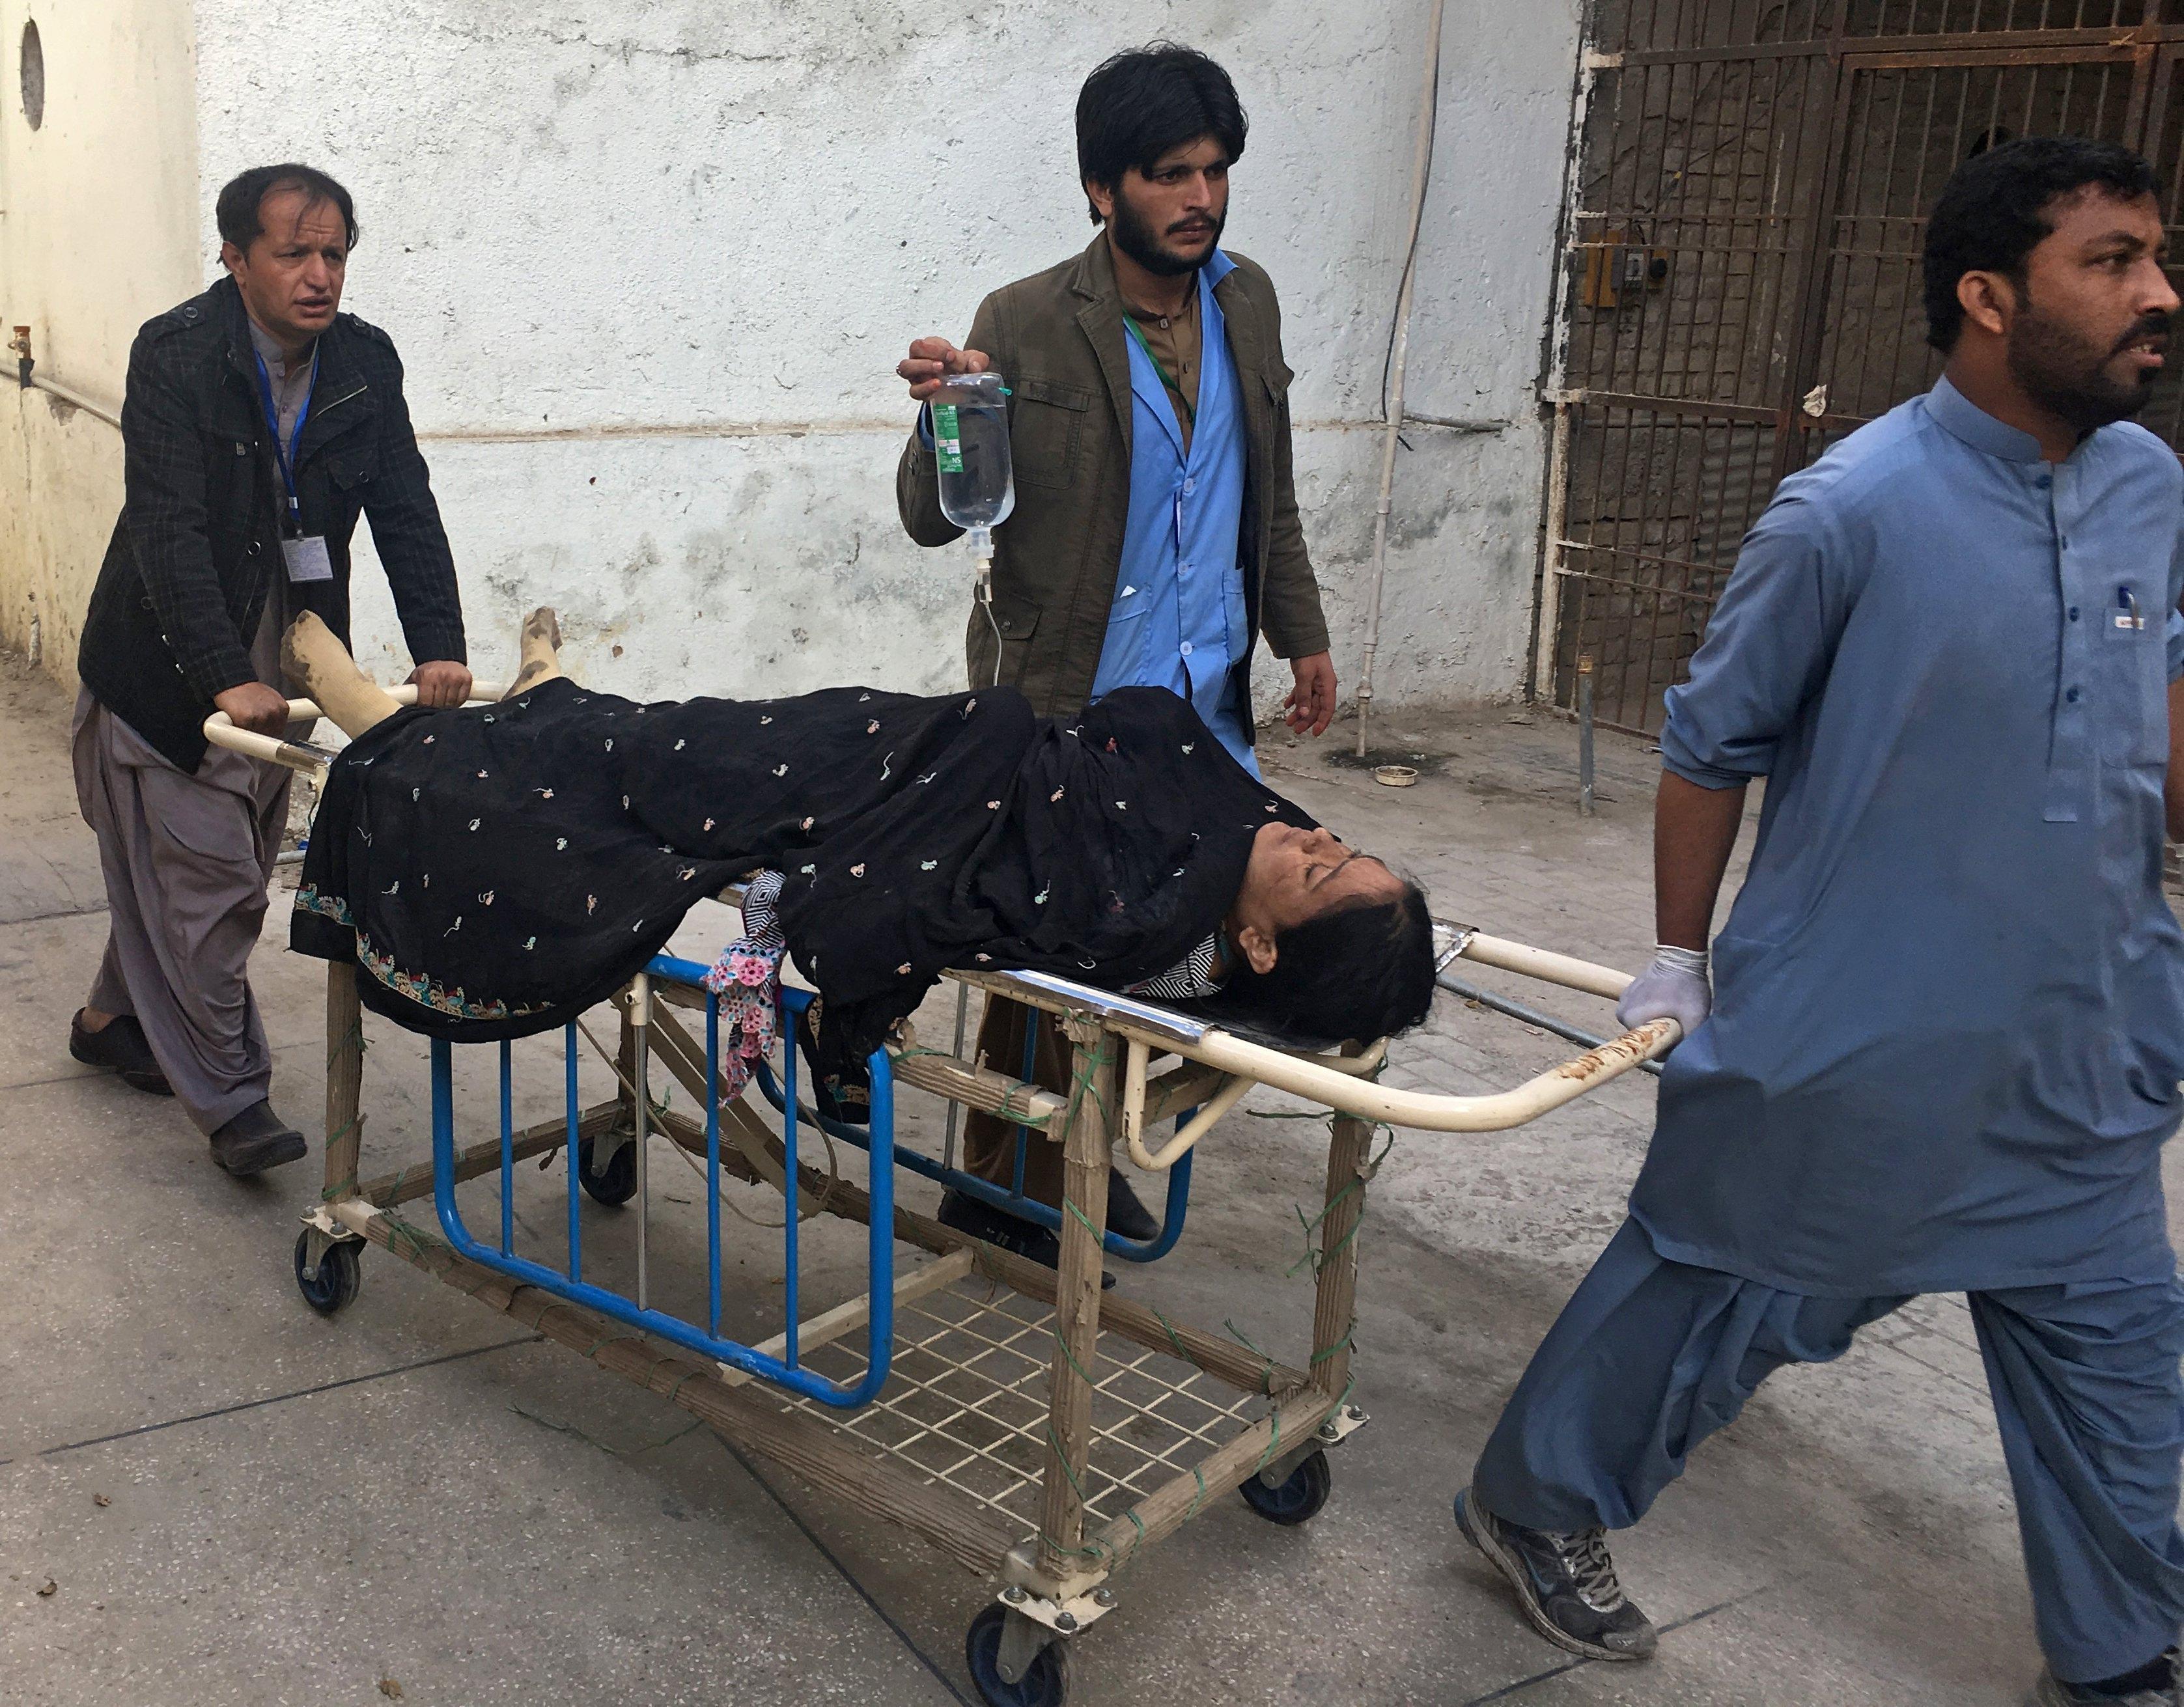 El tiempo mundo al menos cinco muertos y 20 heridos - Tiempo en pakistan ...